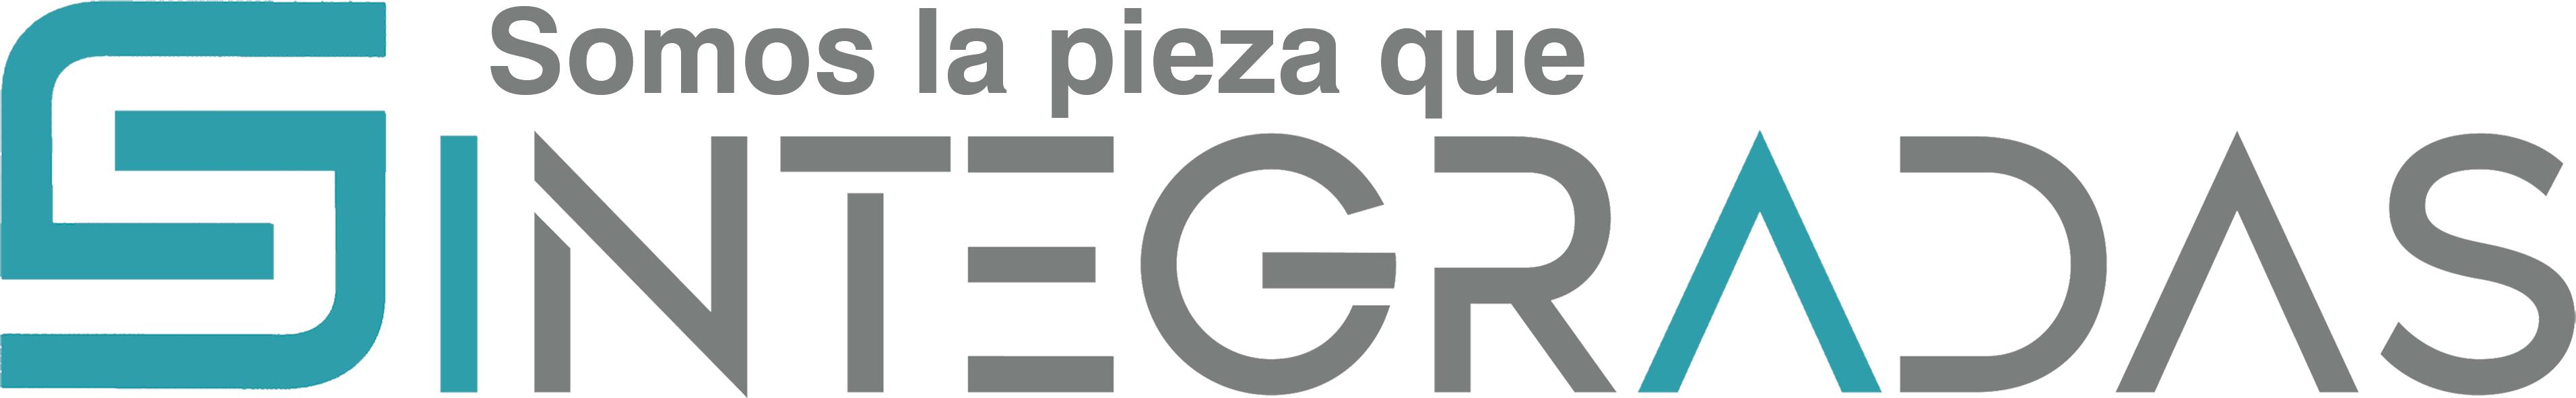 Infraestructura TI | Desarrollo de la plataforma tecnológica en Guatemala